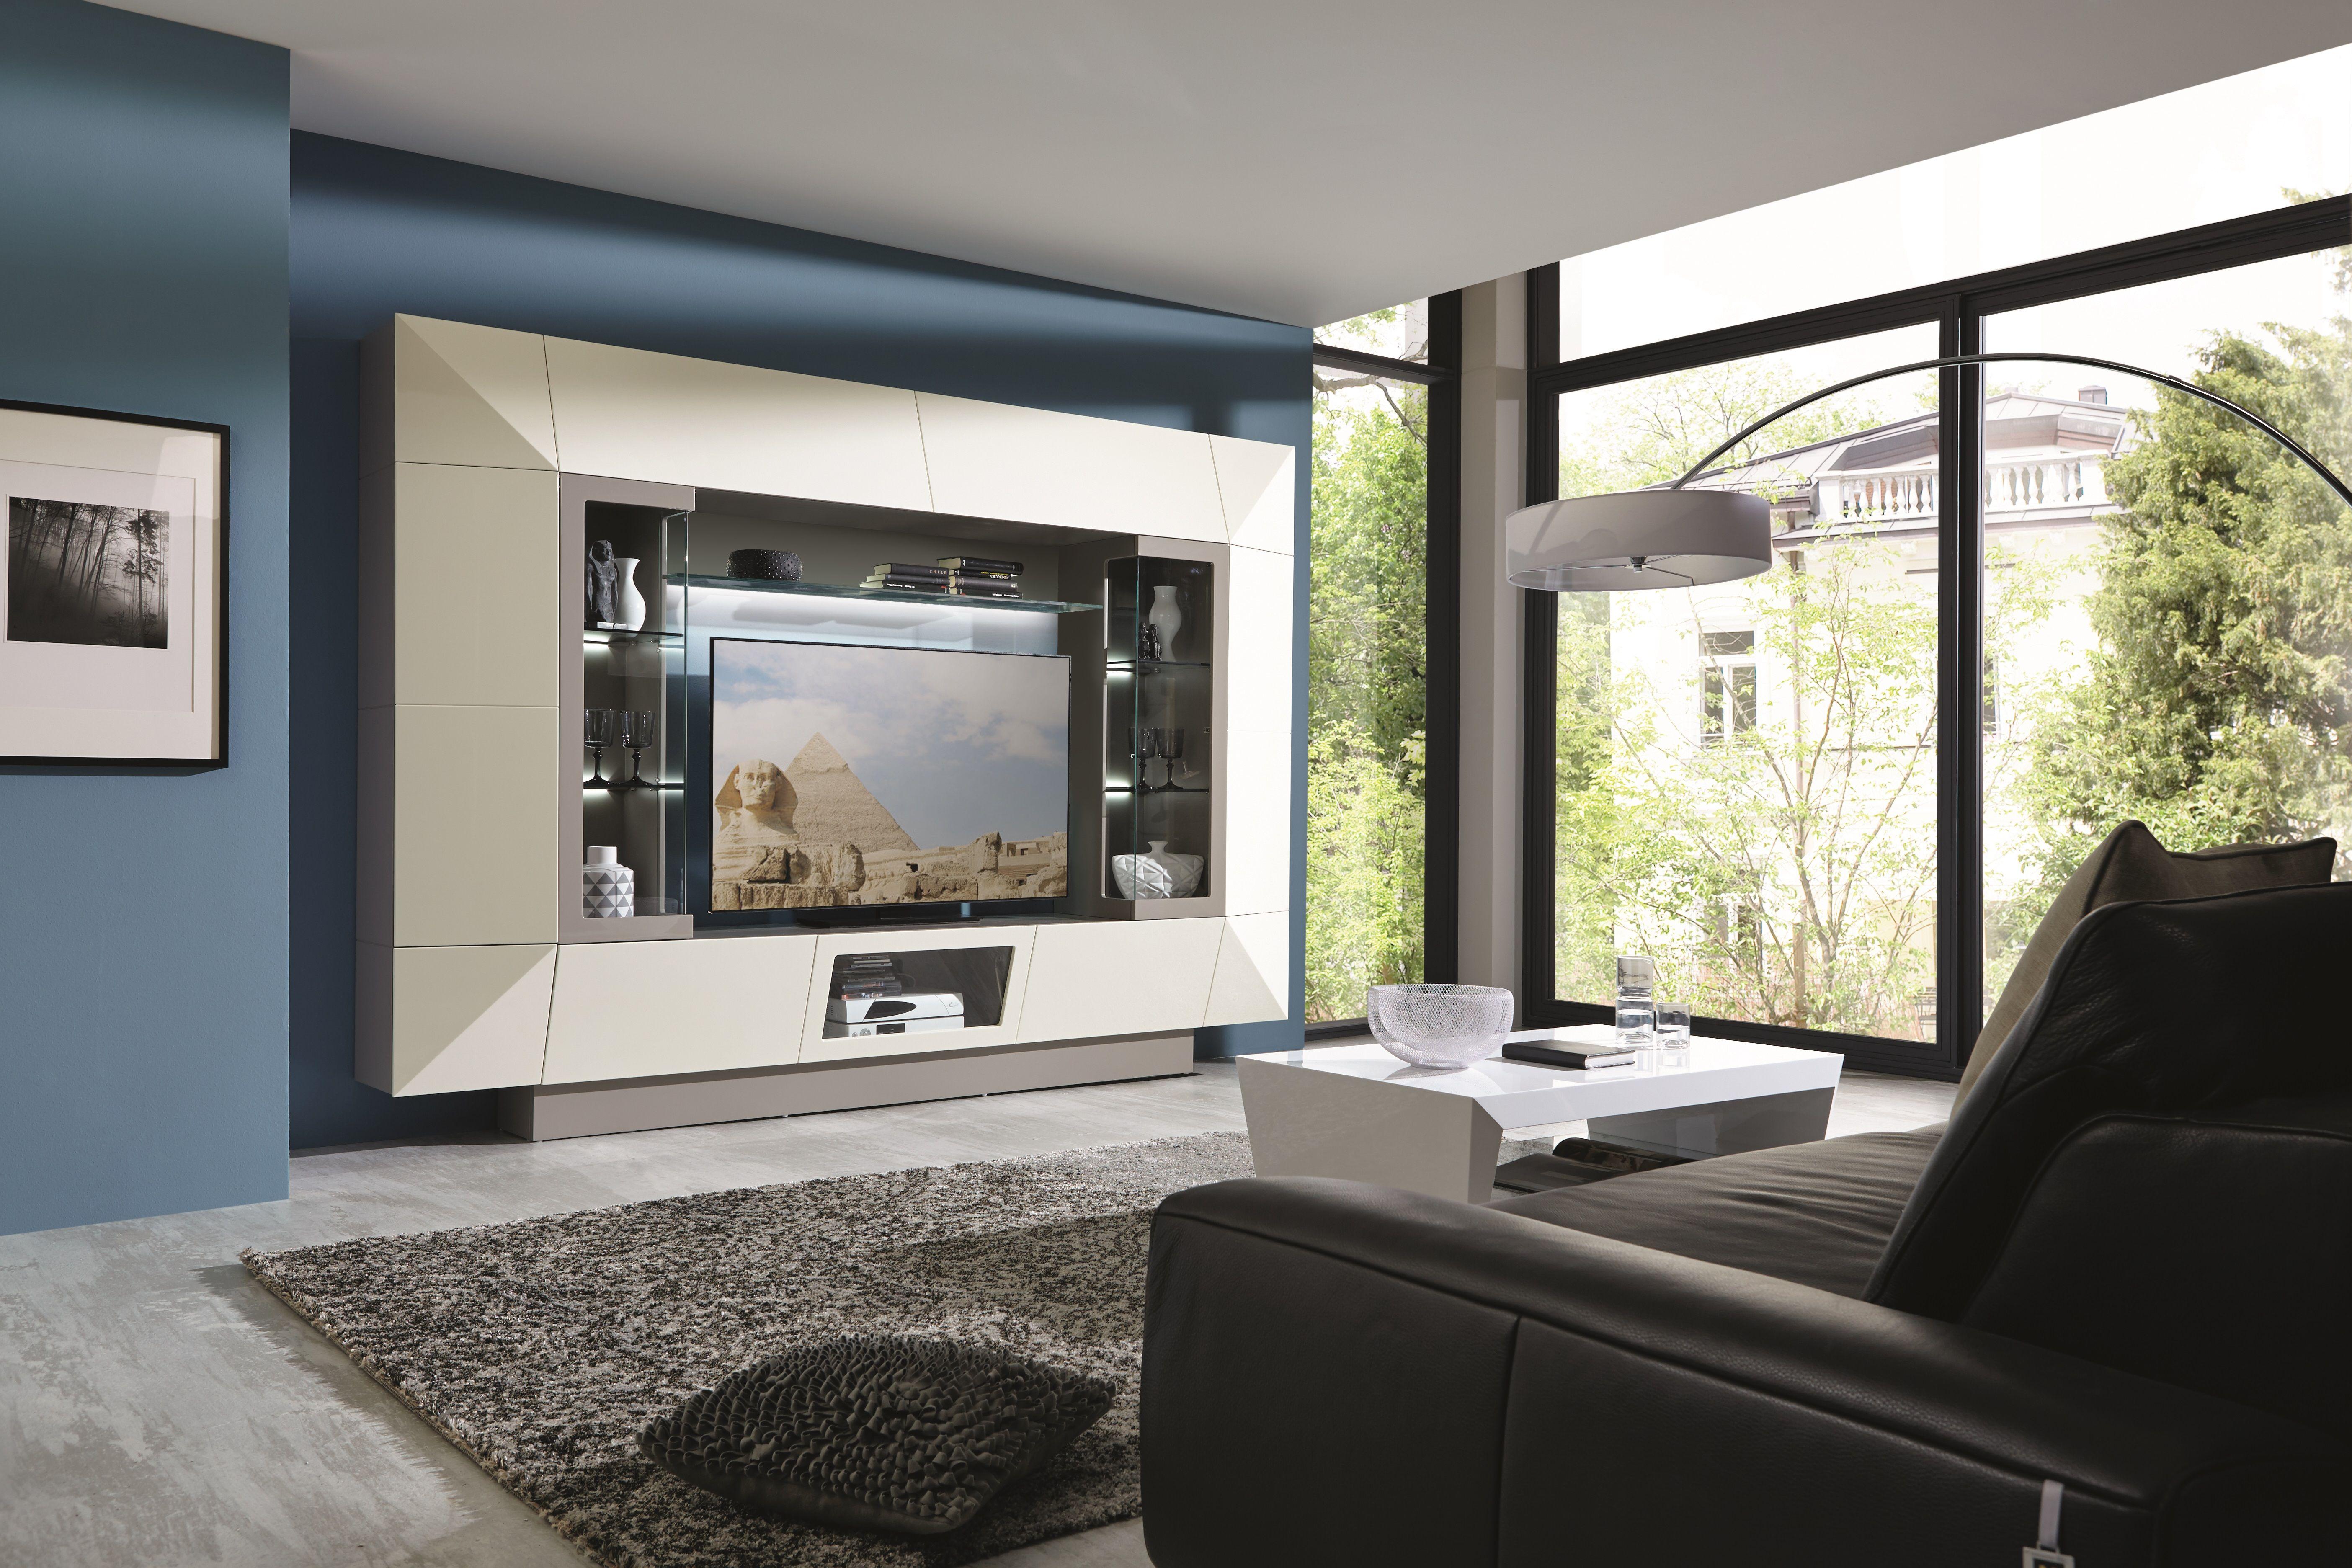 Salas De Esta Modernas Modern Living Rooms Www Intense Mobiliario  # Muebles Sapateras